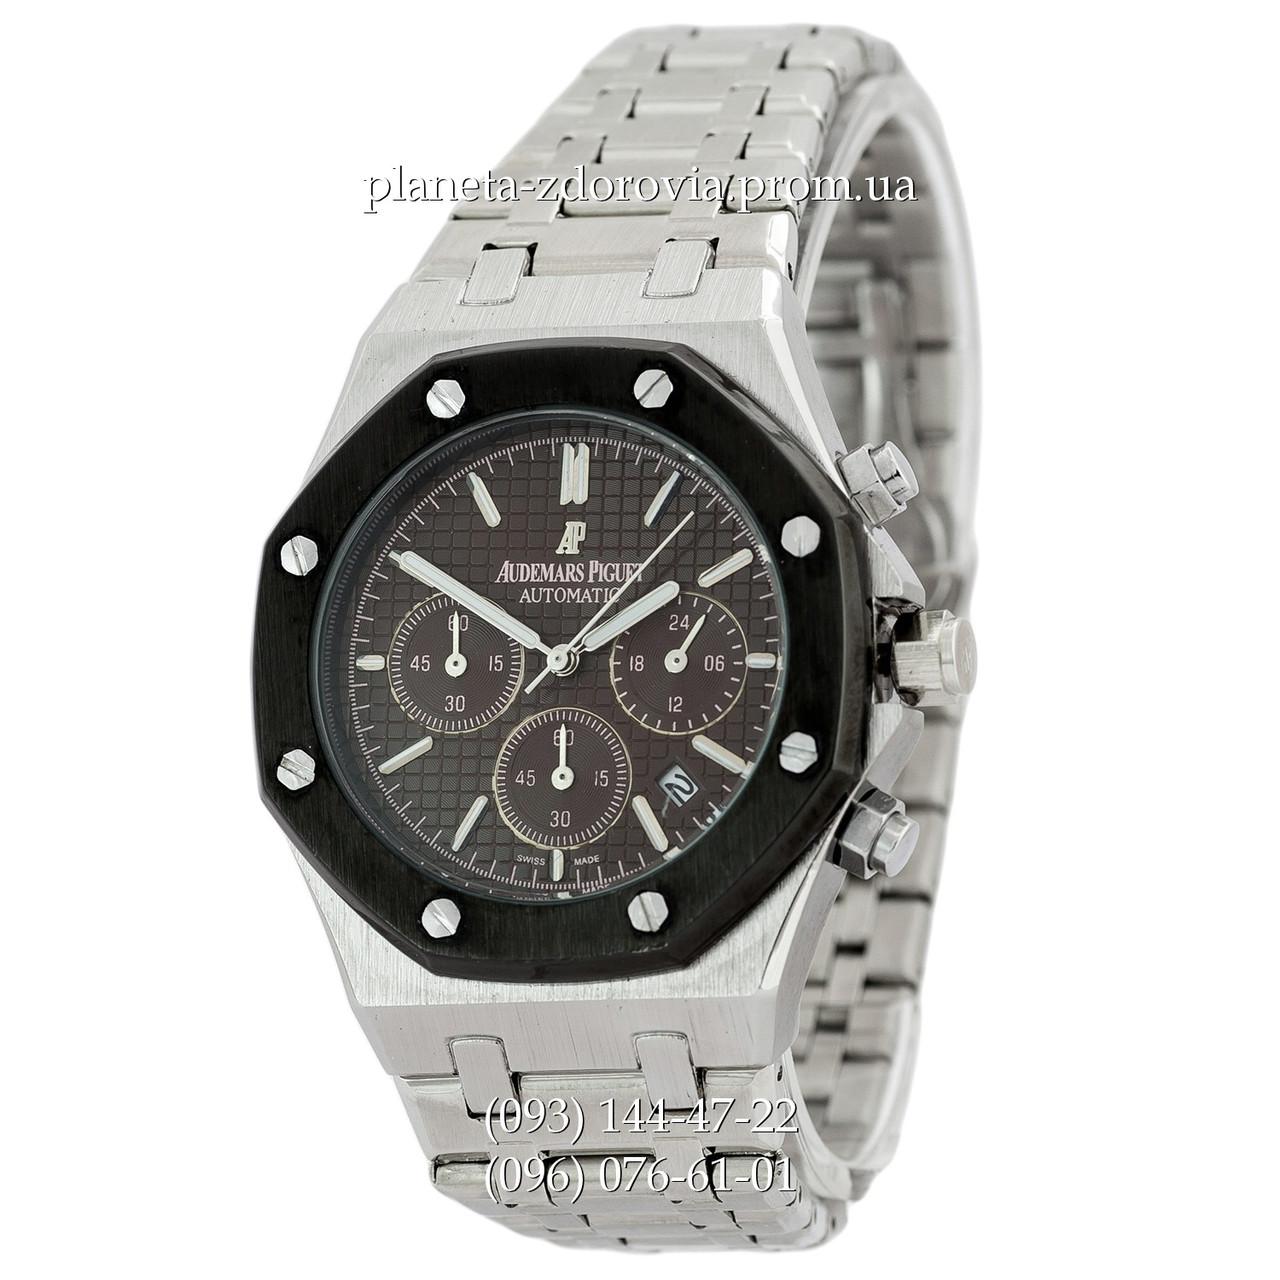 492be0dff266 Мужские кварцевые наручные часы Audemars Piguet Royal Oak Chronograph Steel  Silver-Black - Планета здоровья